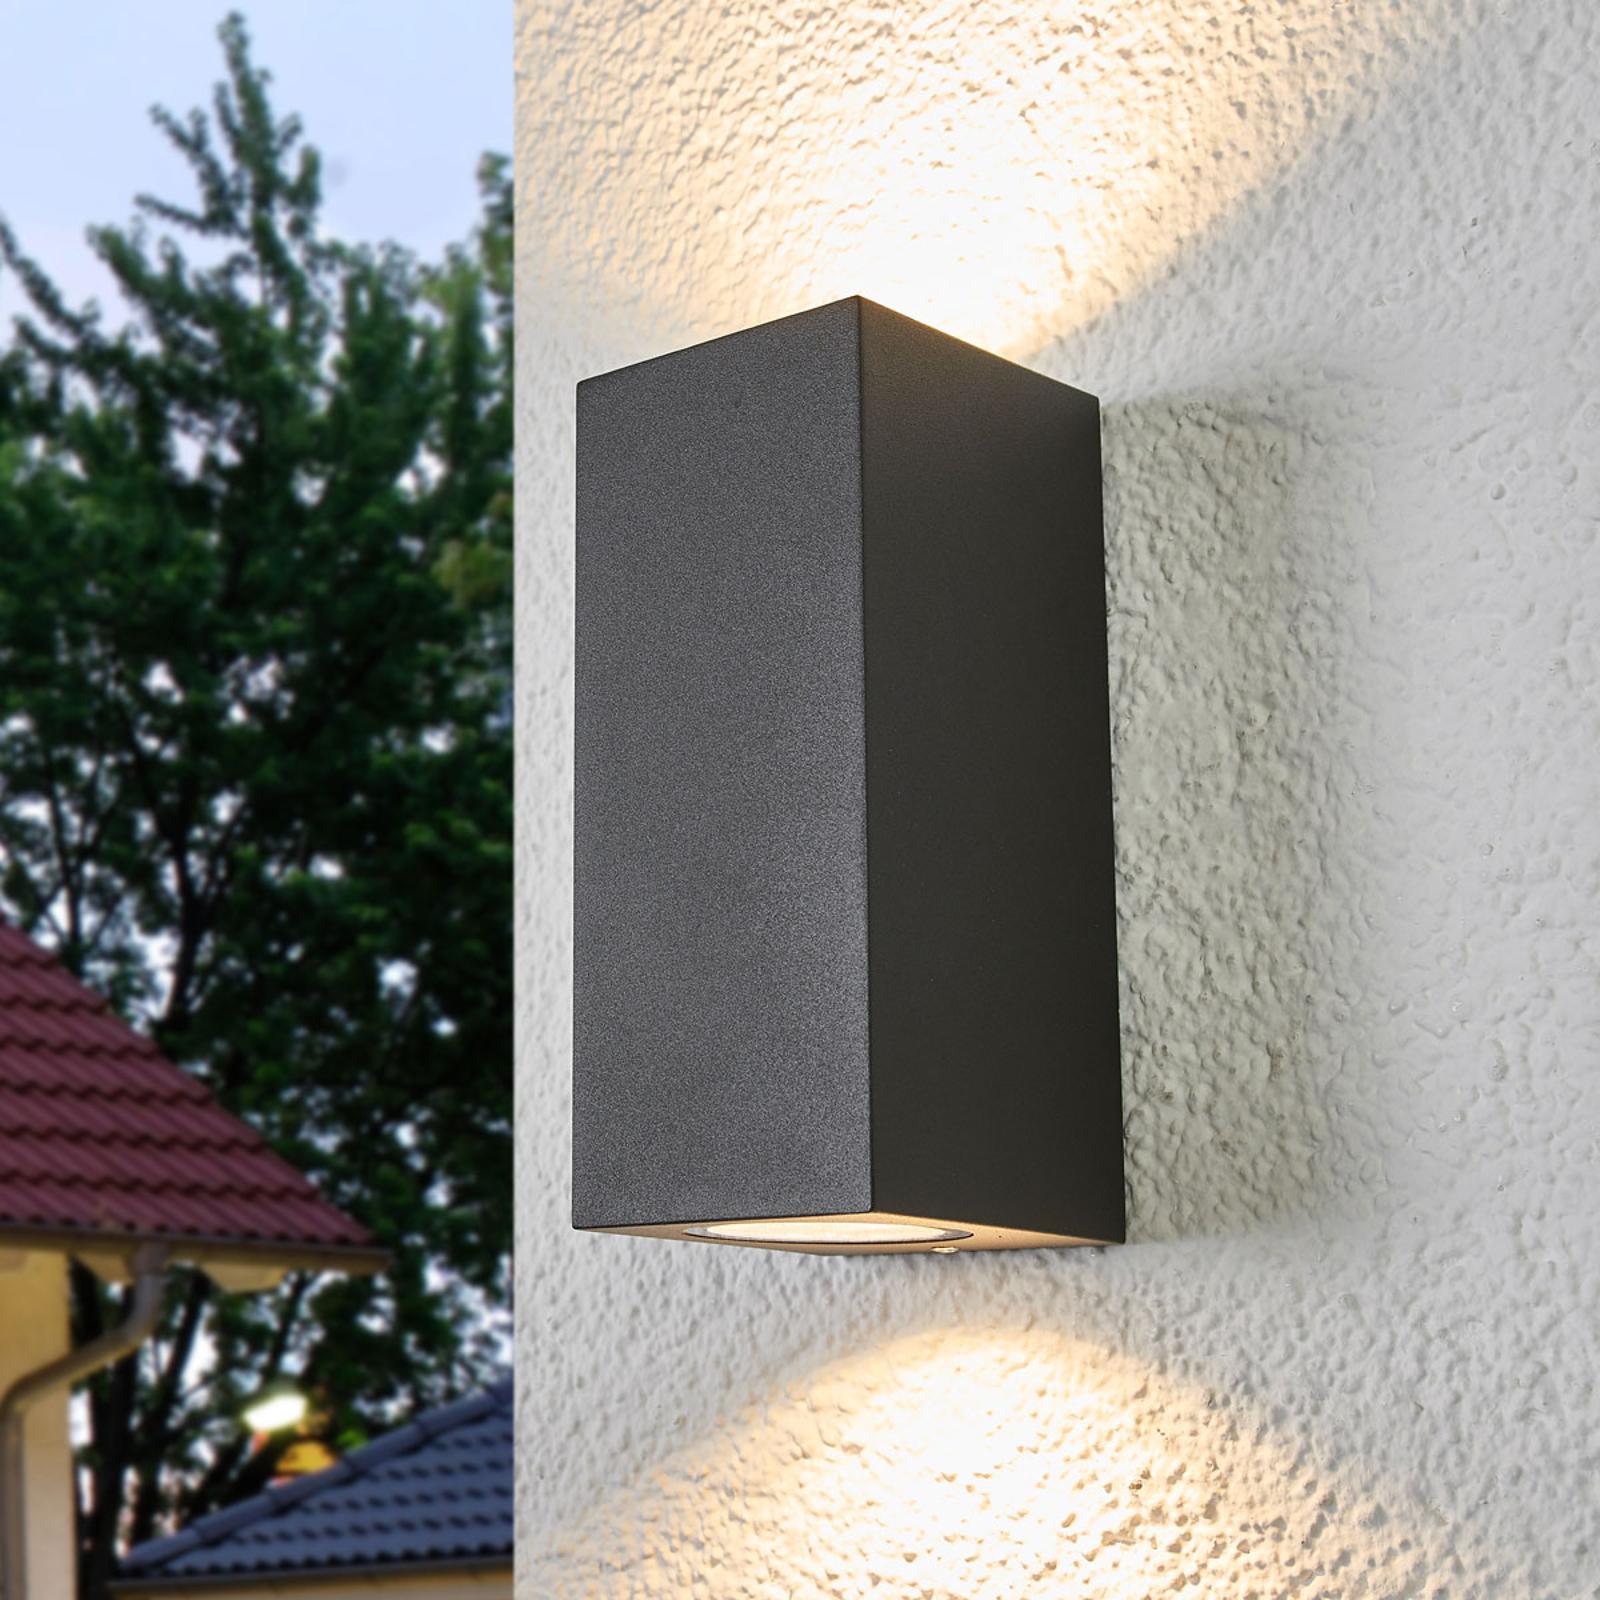 Buitenwandlamp Xava met twee lampjes, grafietgrijs